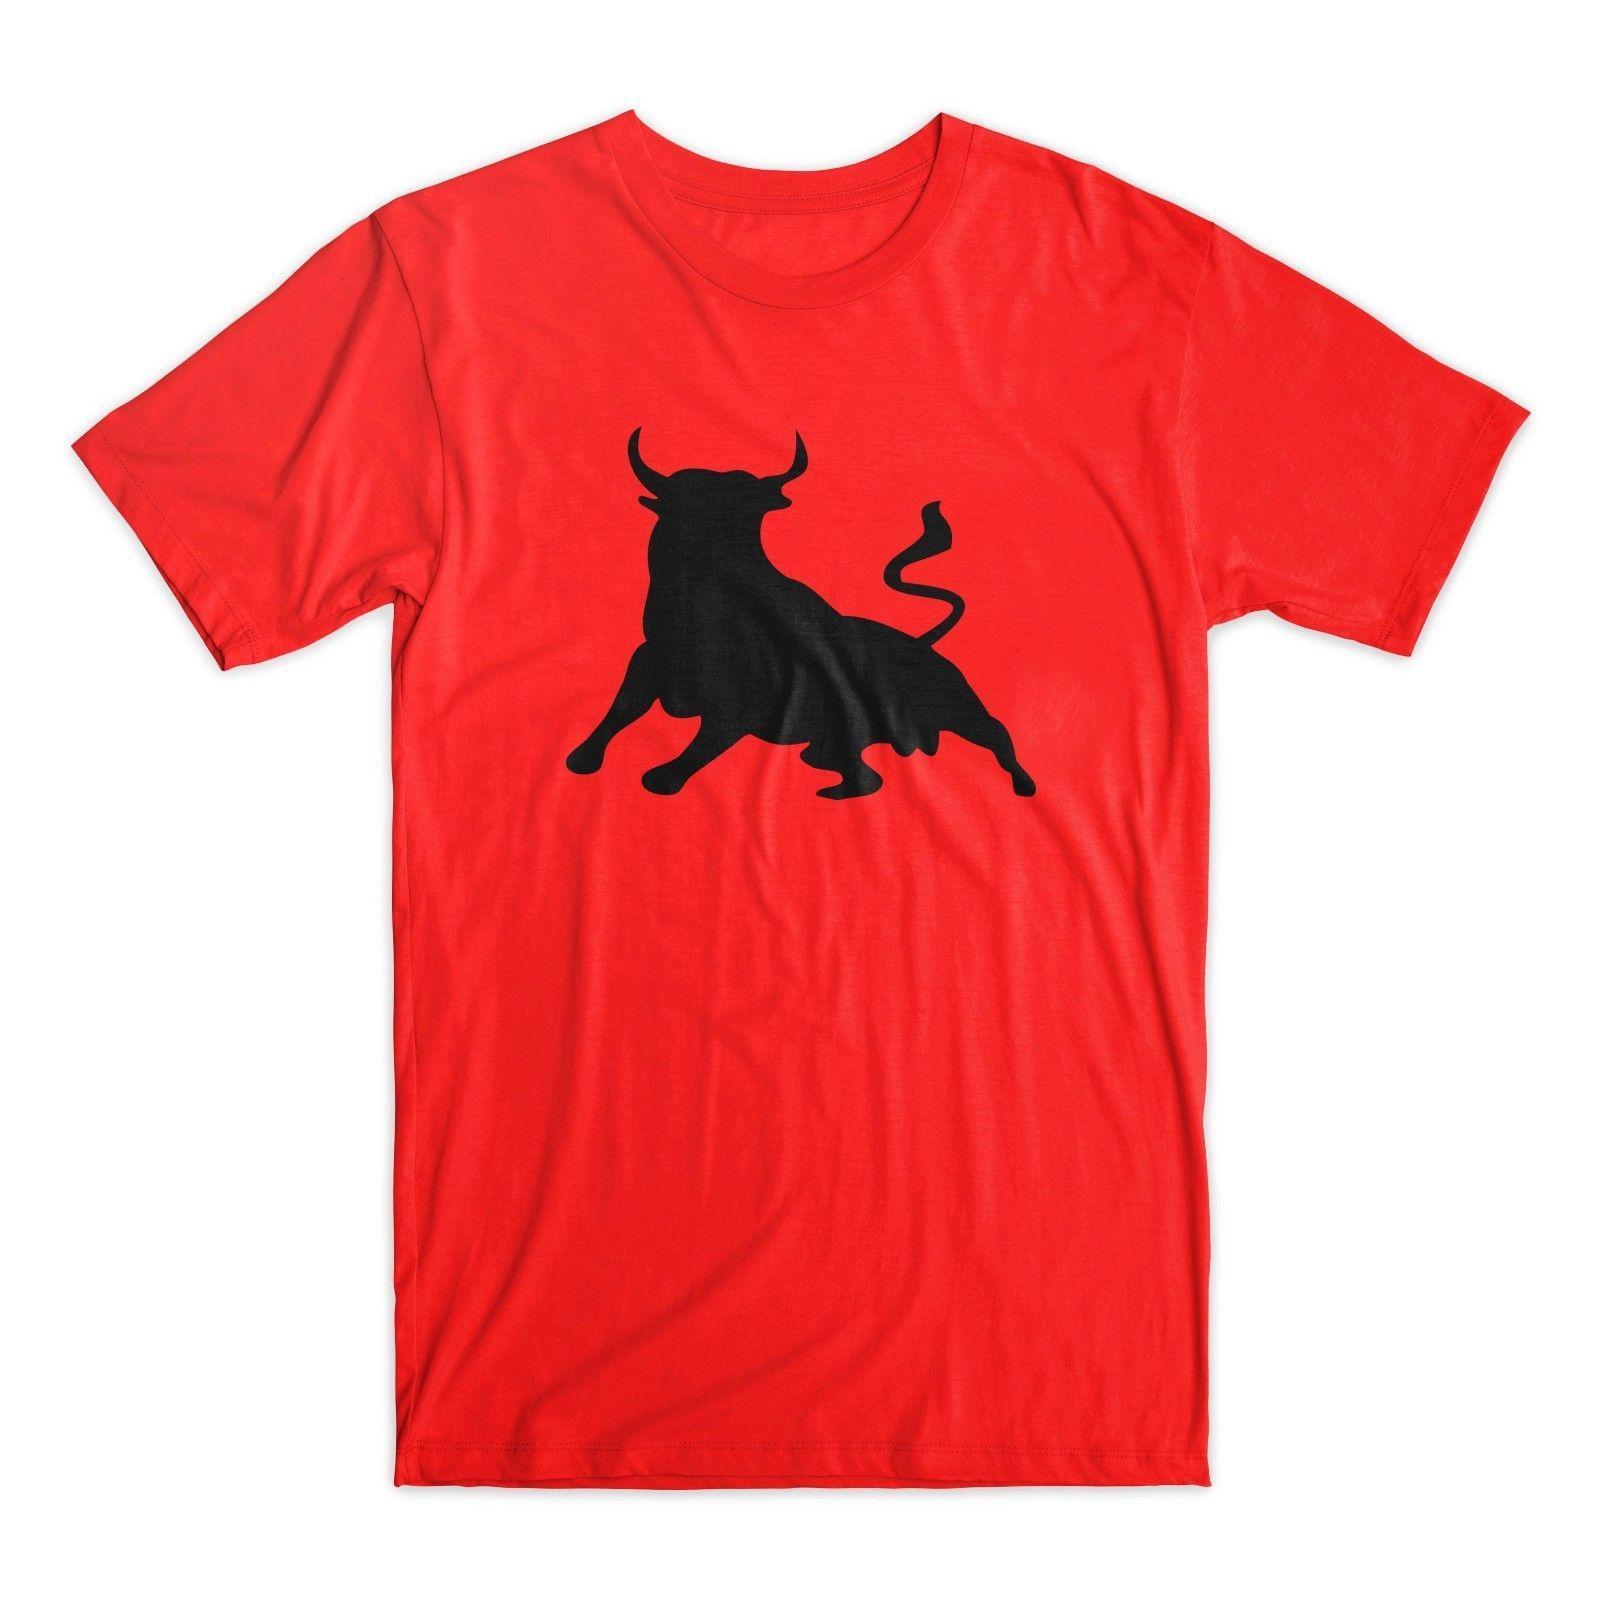 Compre Toro Español Camiseta Toro De Osborne Hombres Camiseta De Manga Corta  Cuello Redondo Nuevos Hombres Tops De Verano Casual Camisas Luz A  24.2 Del  ... 733fe1264a3